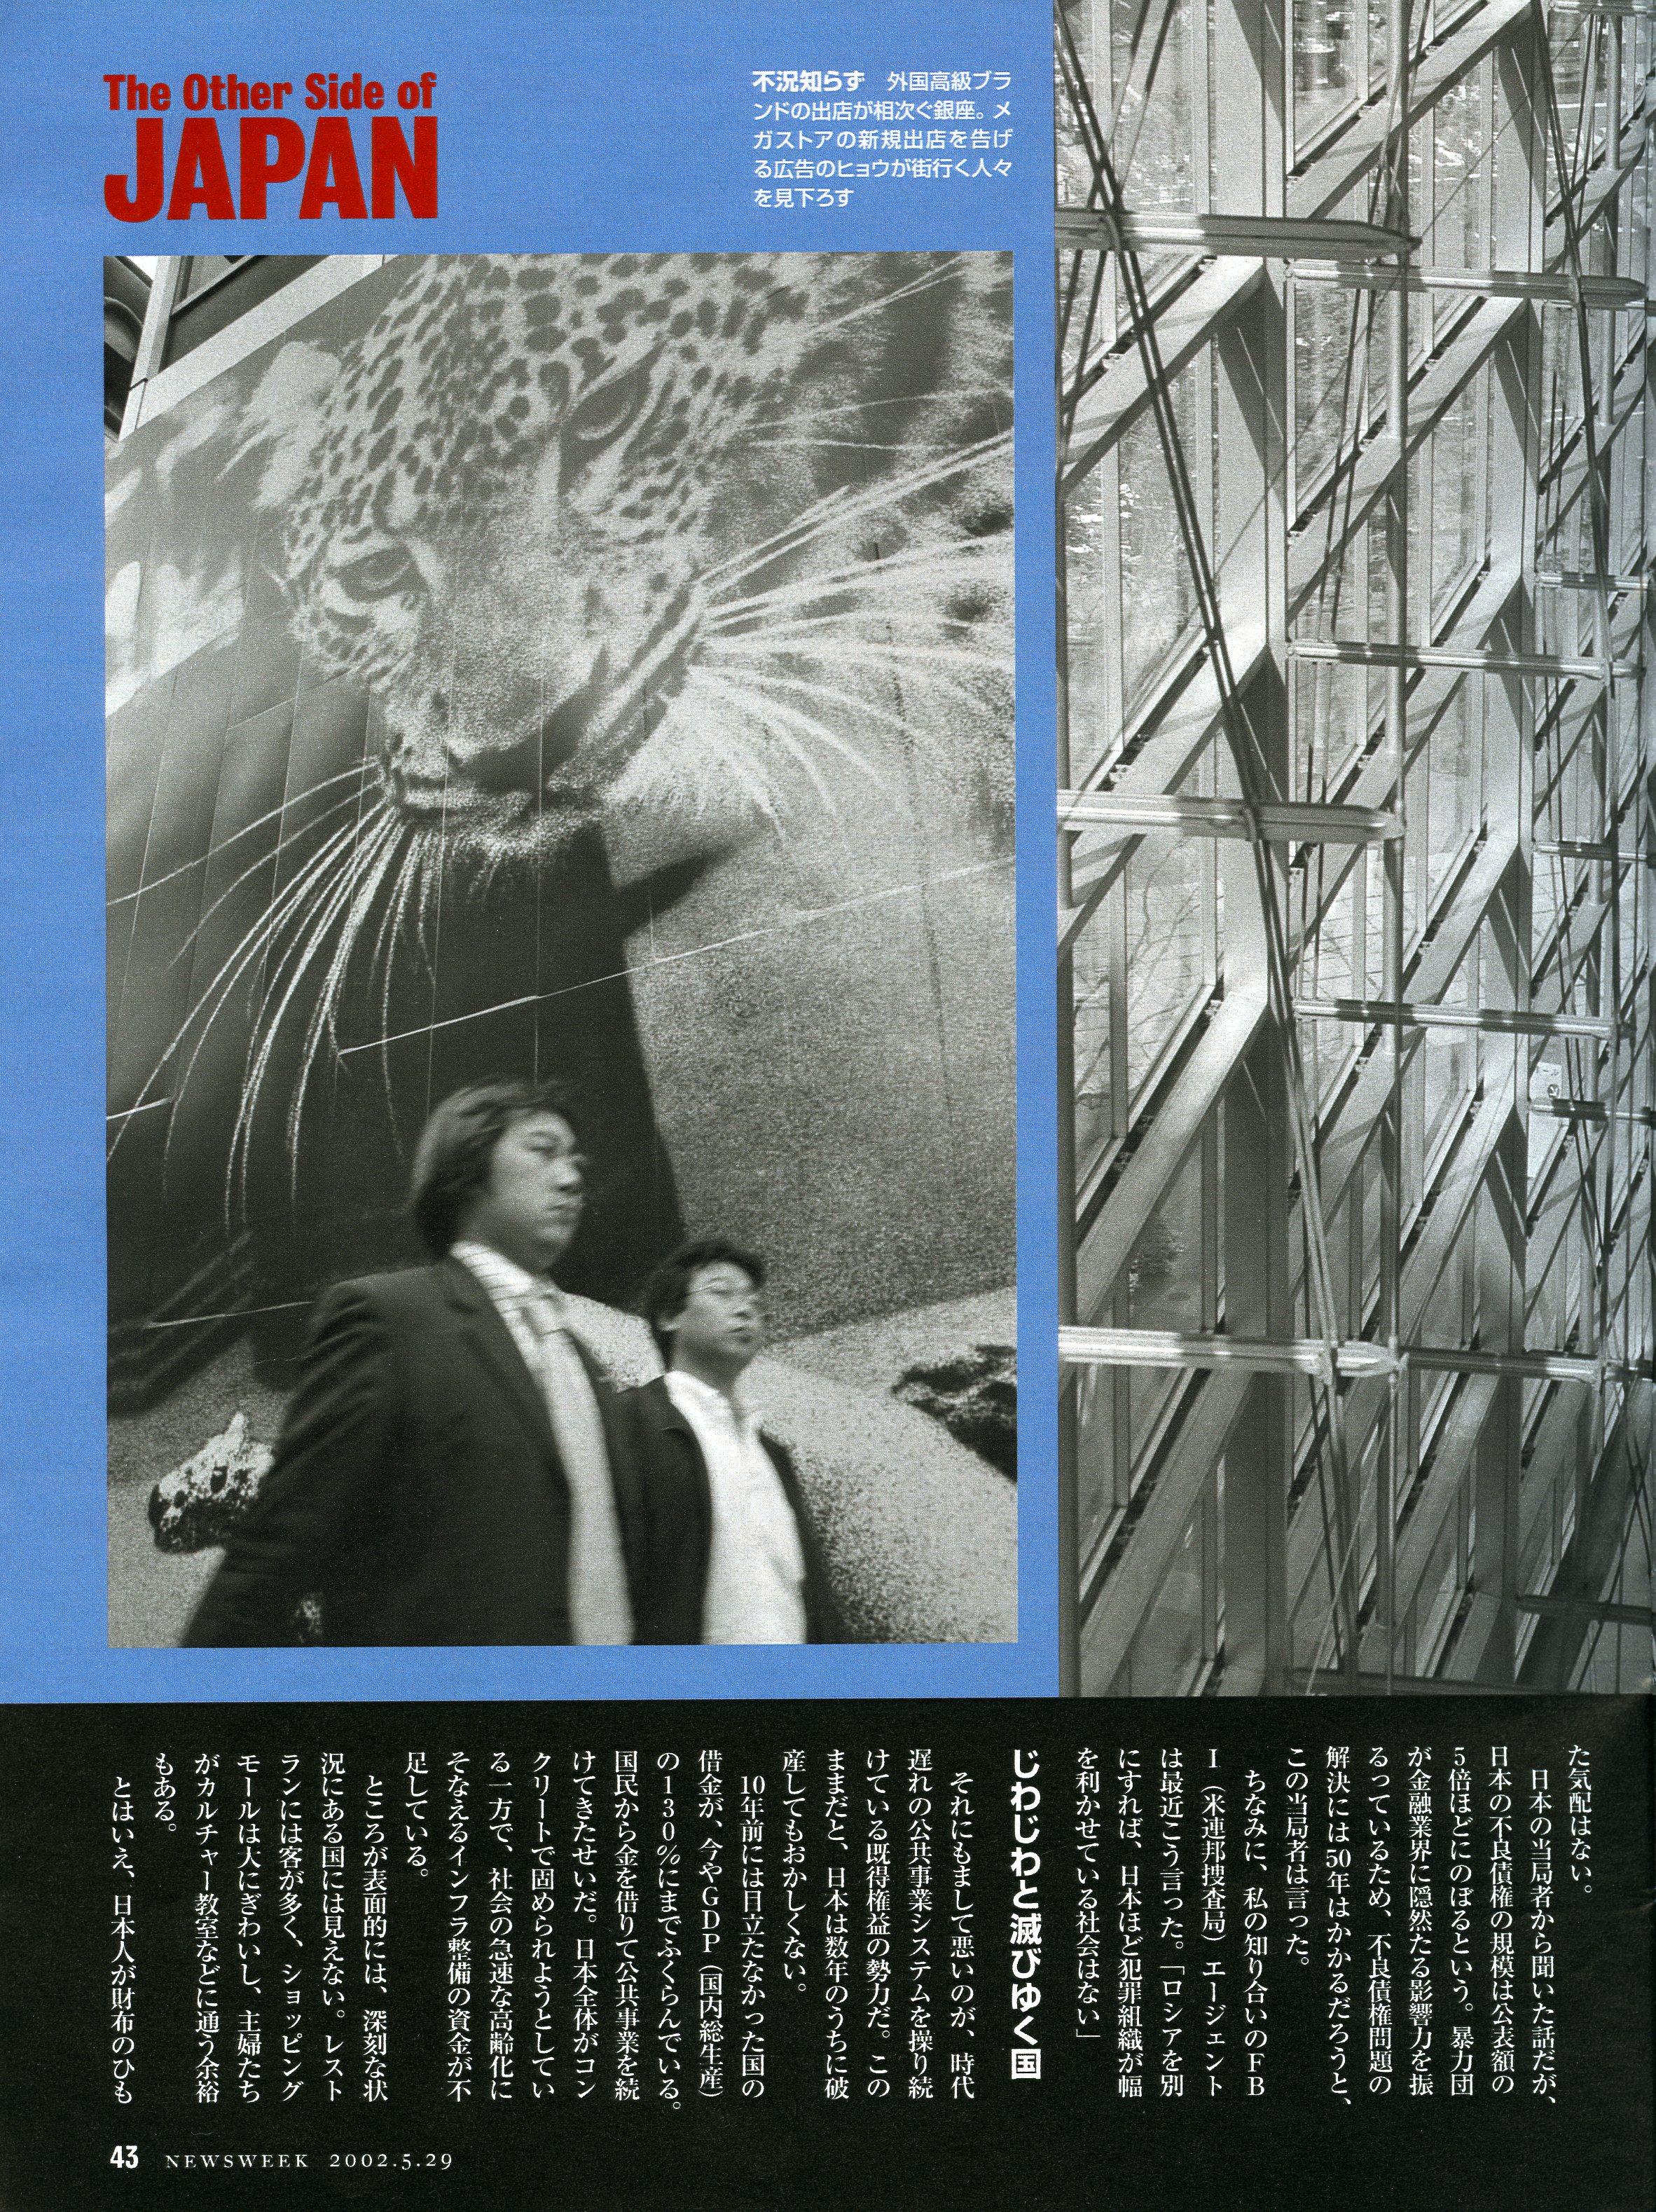 05292002_NEWSWEEK_JAPAN_6.jpg